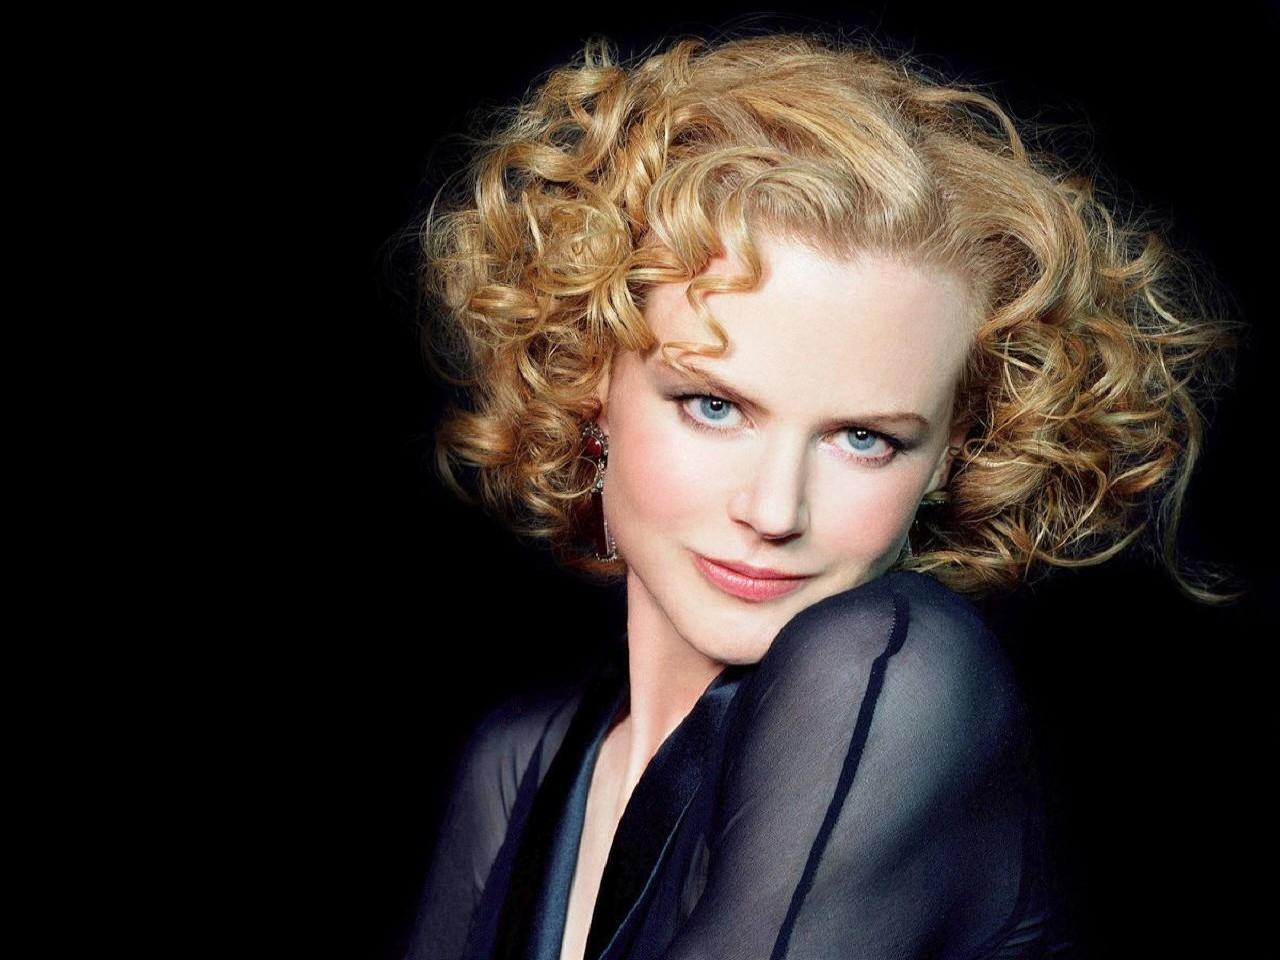 Wallpaper di Nicole Kidman, elegantissima e seducente con un abito nero